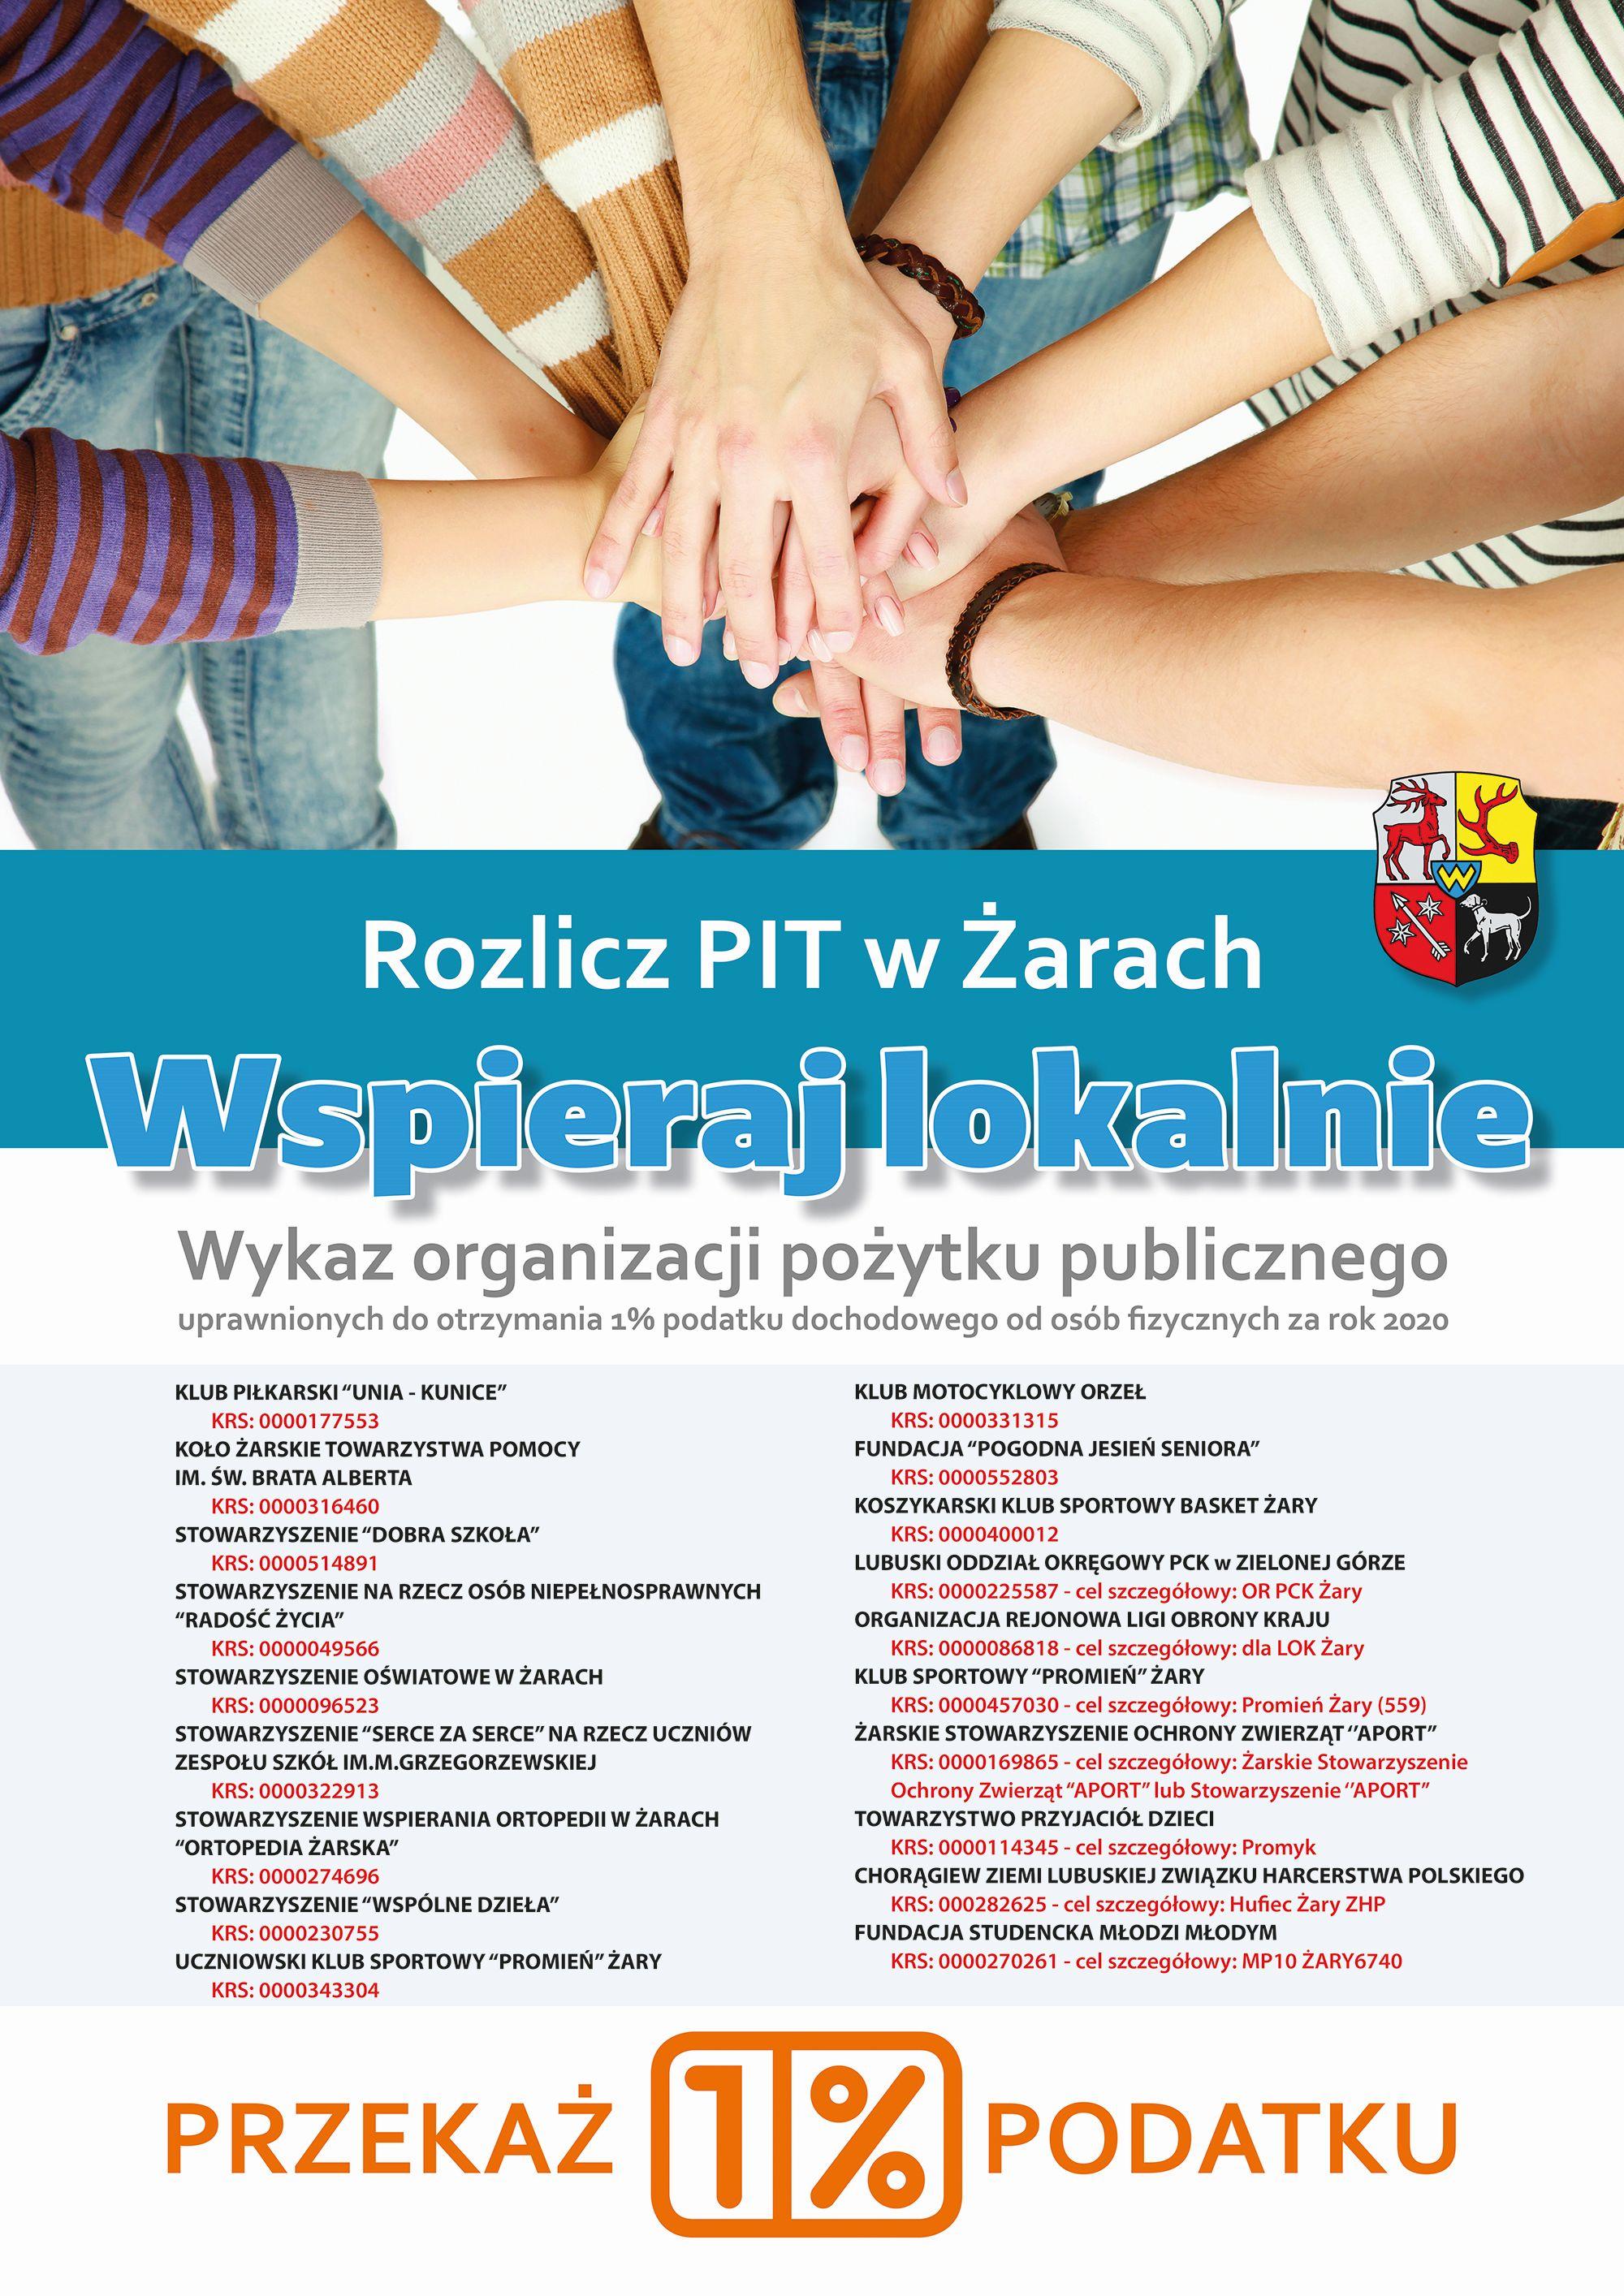 Ilustracja do informacji: Rozlicz PIT w Żarach